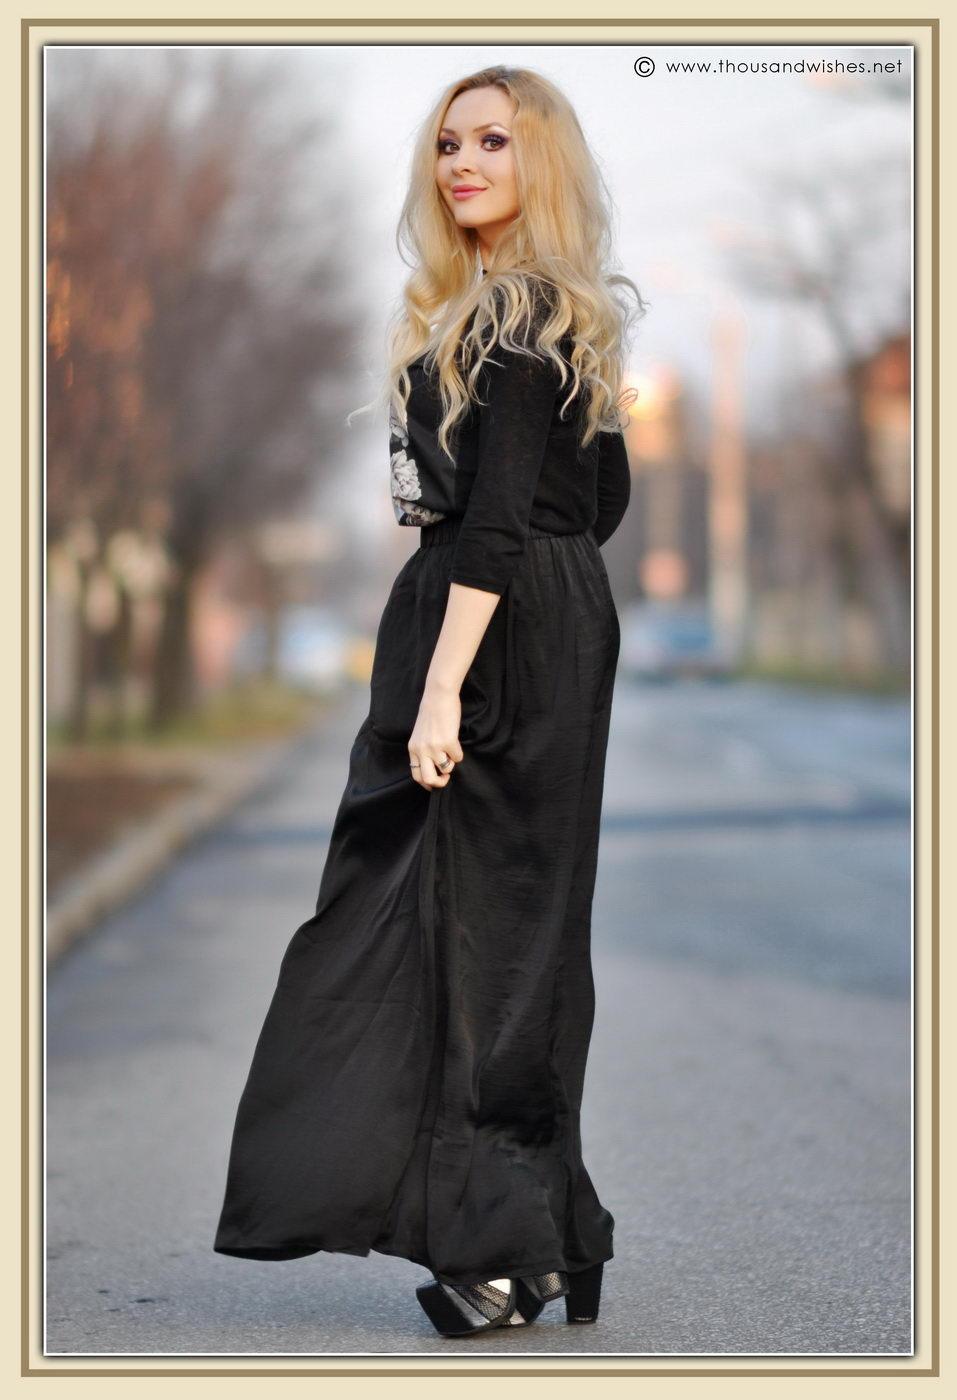 08_glossy_black_bag_skirt